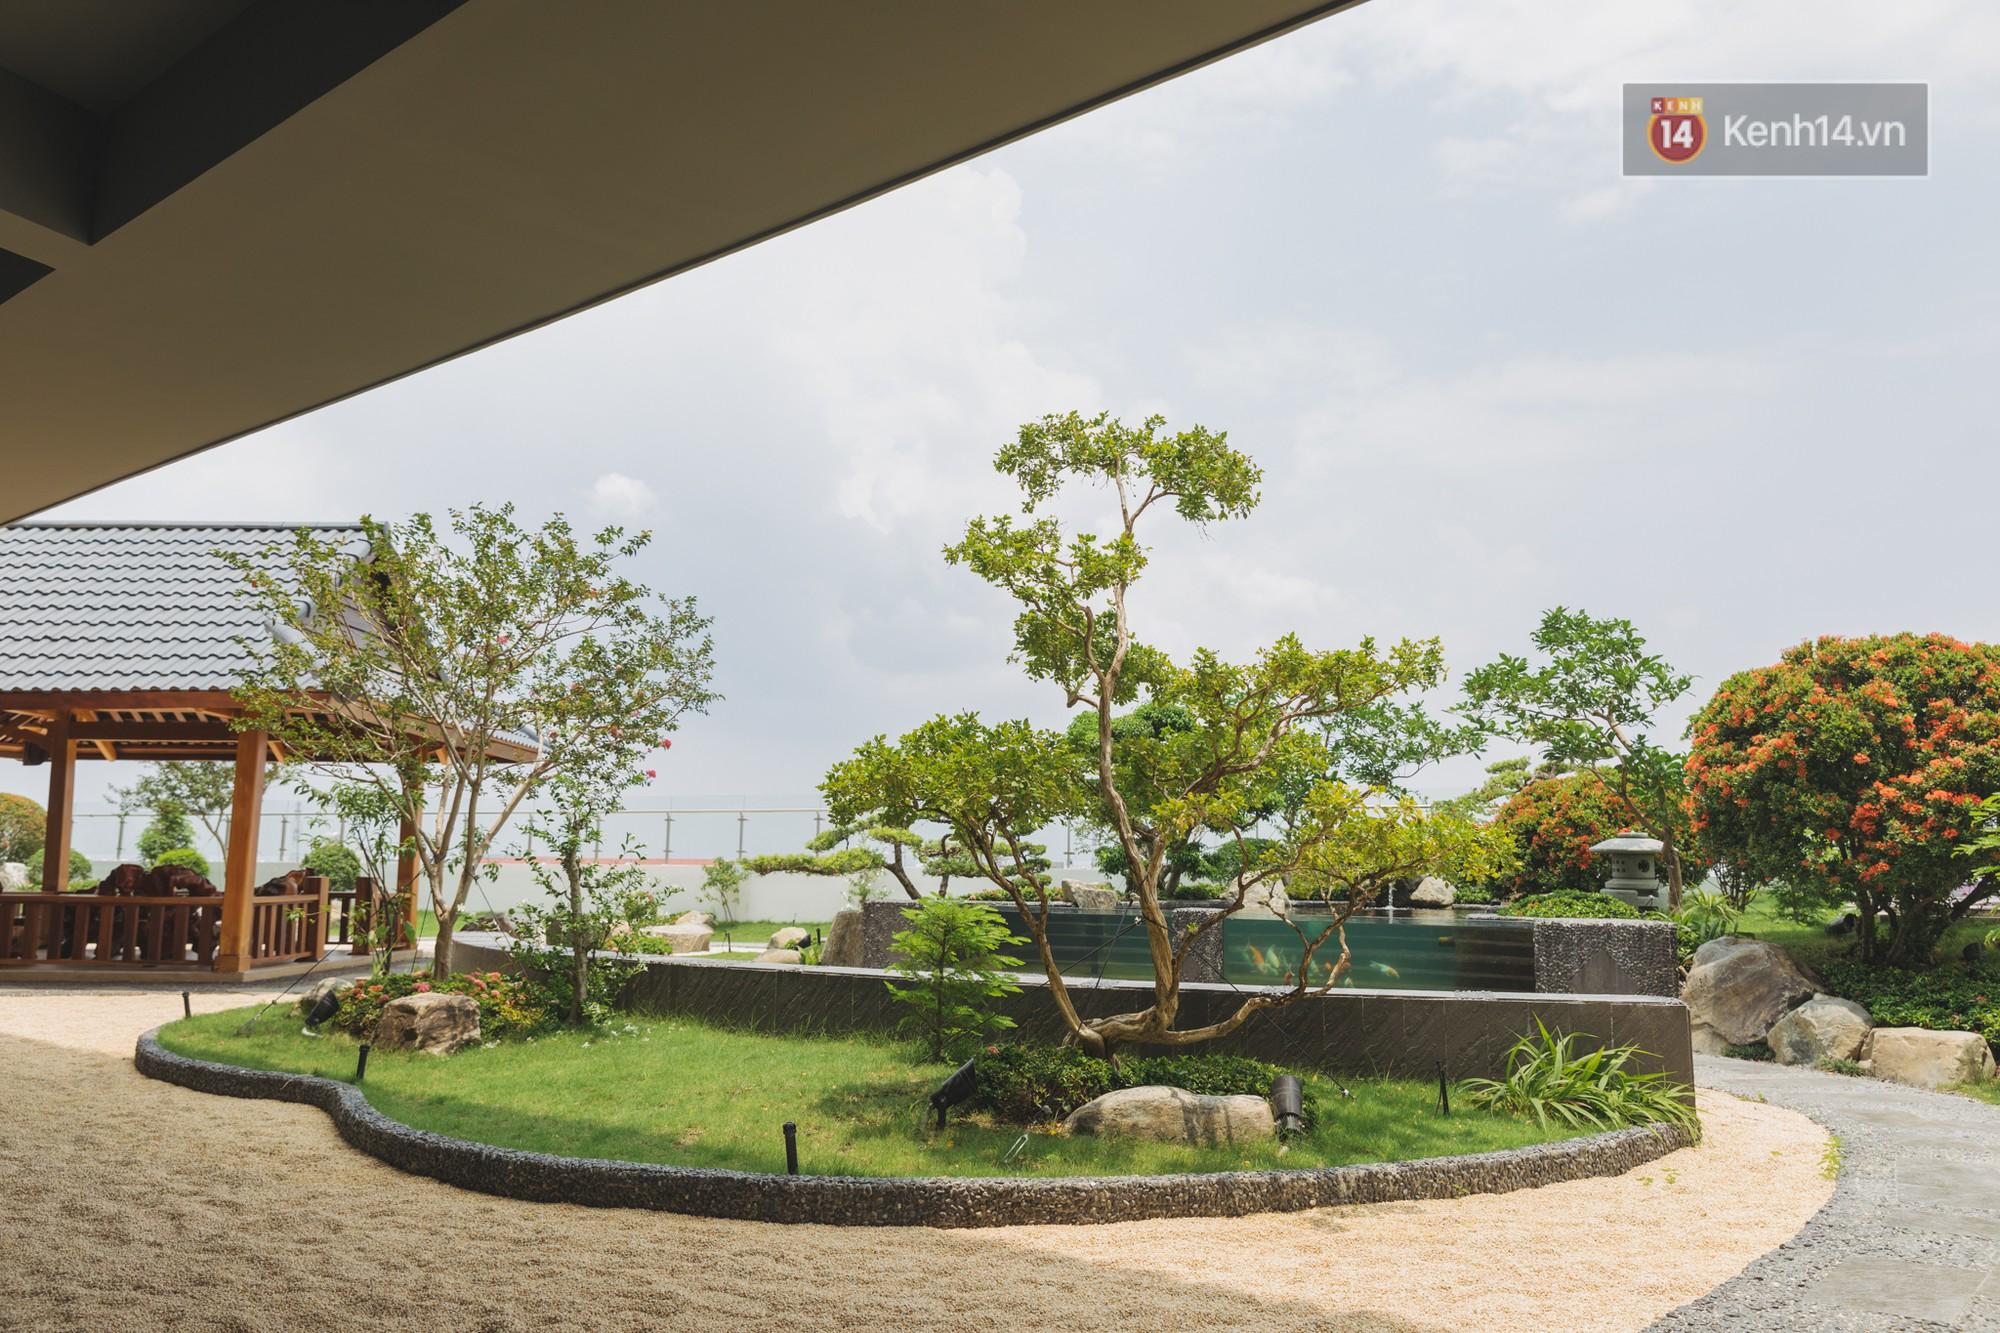 Thiên đường sống ảo mới ở Sài Gòn gọi tên ĐH Văn Lang: Đẹp như trung tâm thương mại, lên hình lung linh bất chấp mọi ngóc ngách - Ảnh 14.